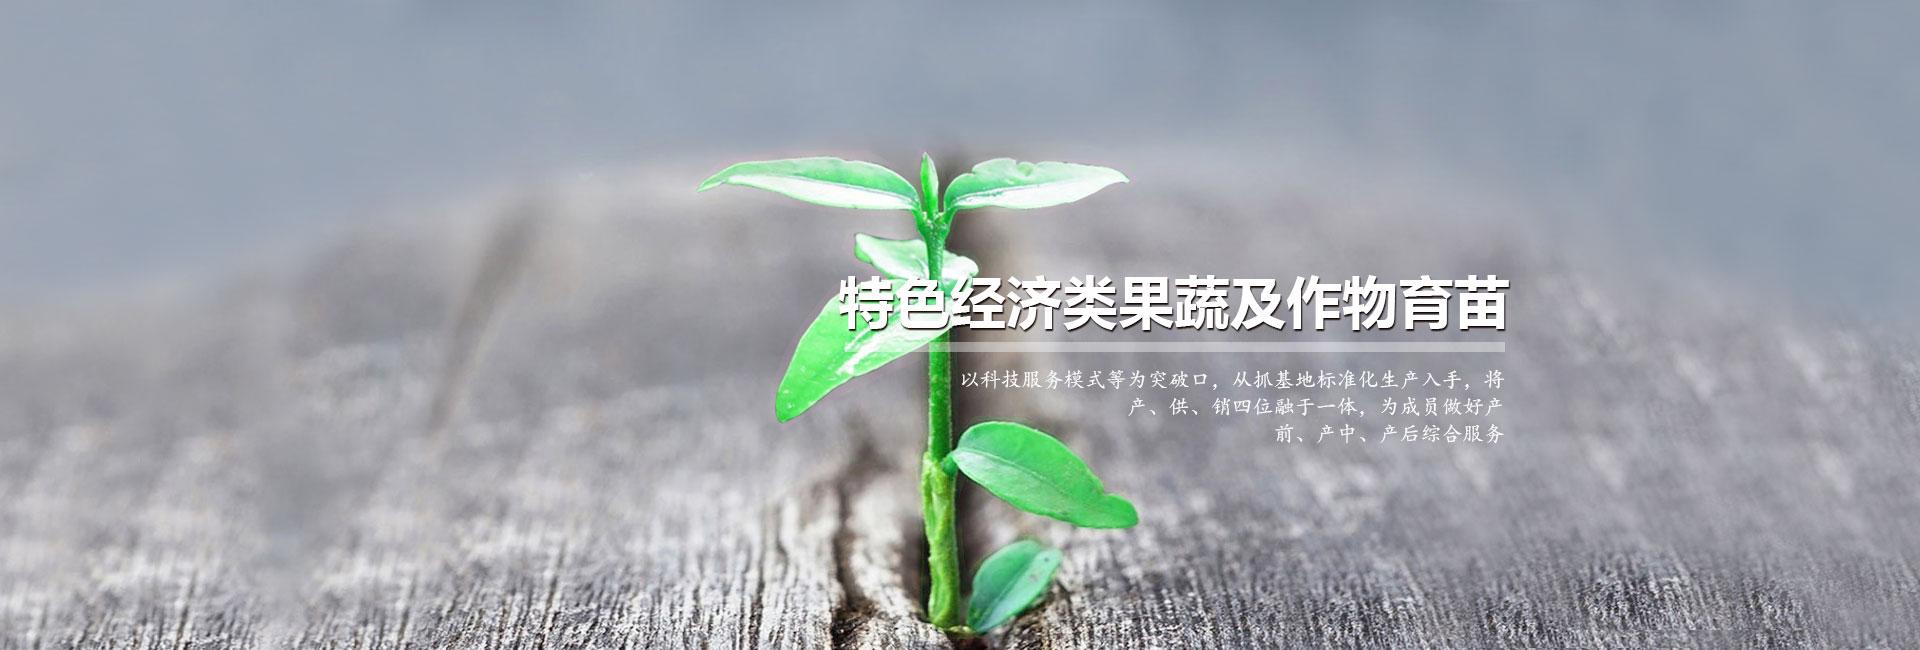 内蒙古苗木